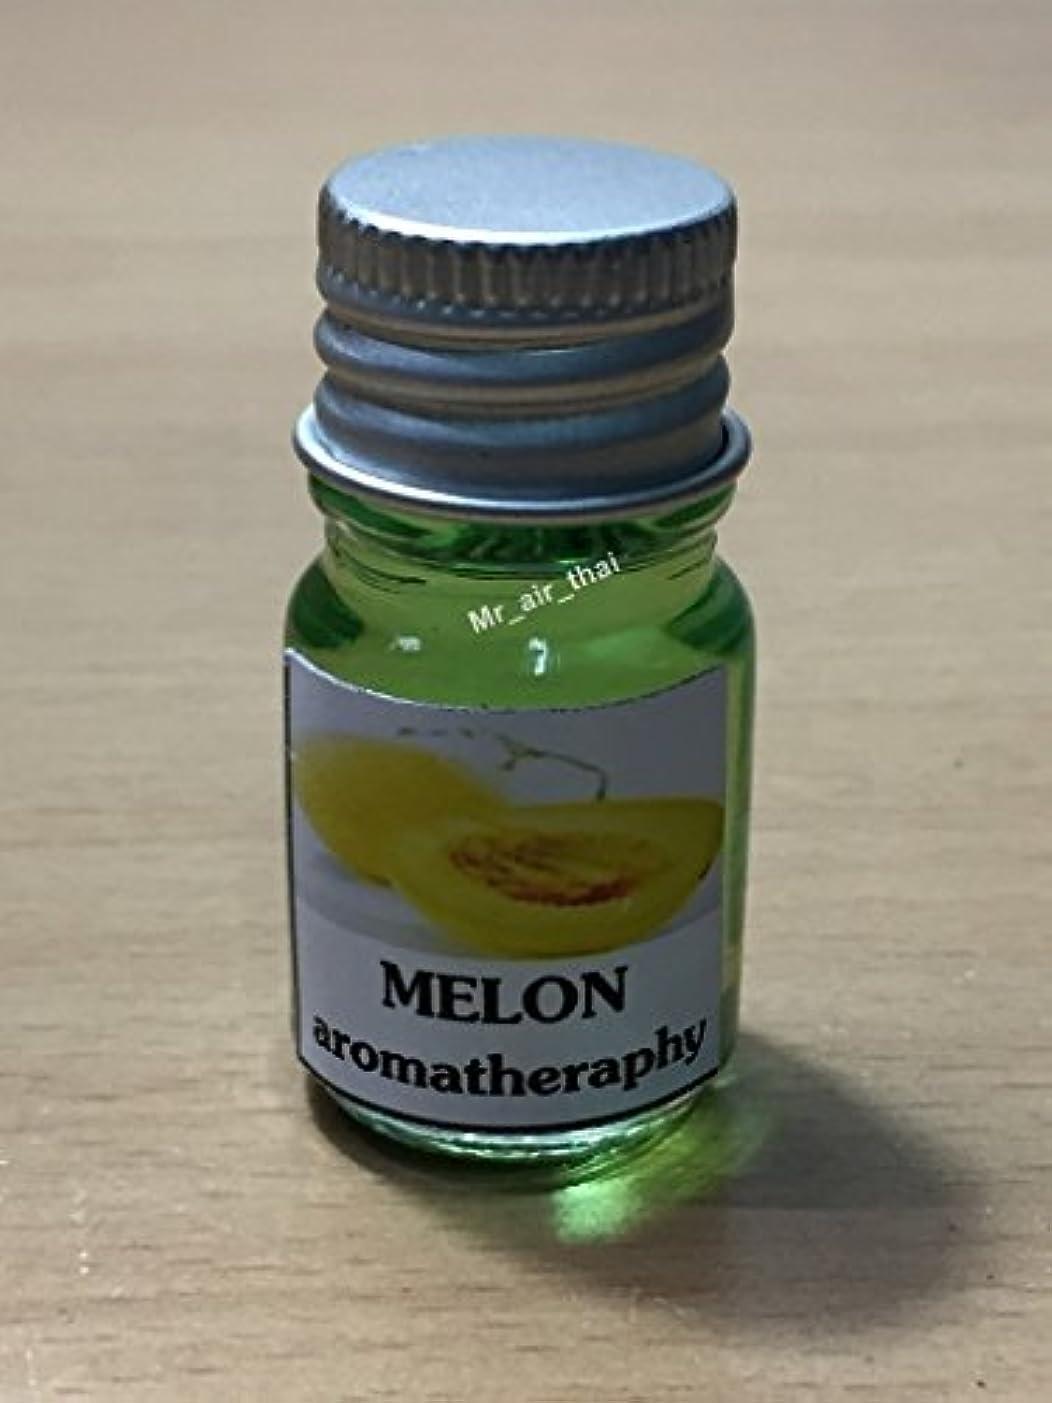 ボトル人事蚊5ミリリットルアロマメロンフランクインセンスエッセンシャルオイルボトルアロマテラピーオイル自然自然5ml Aroma Melon Frankincense Essential Oil Bottles Aromatherapy...